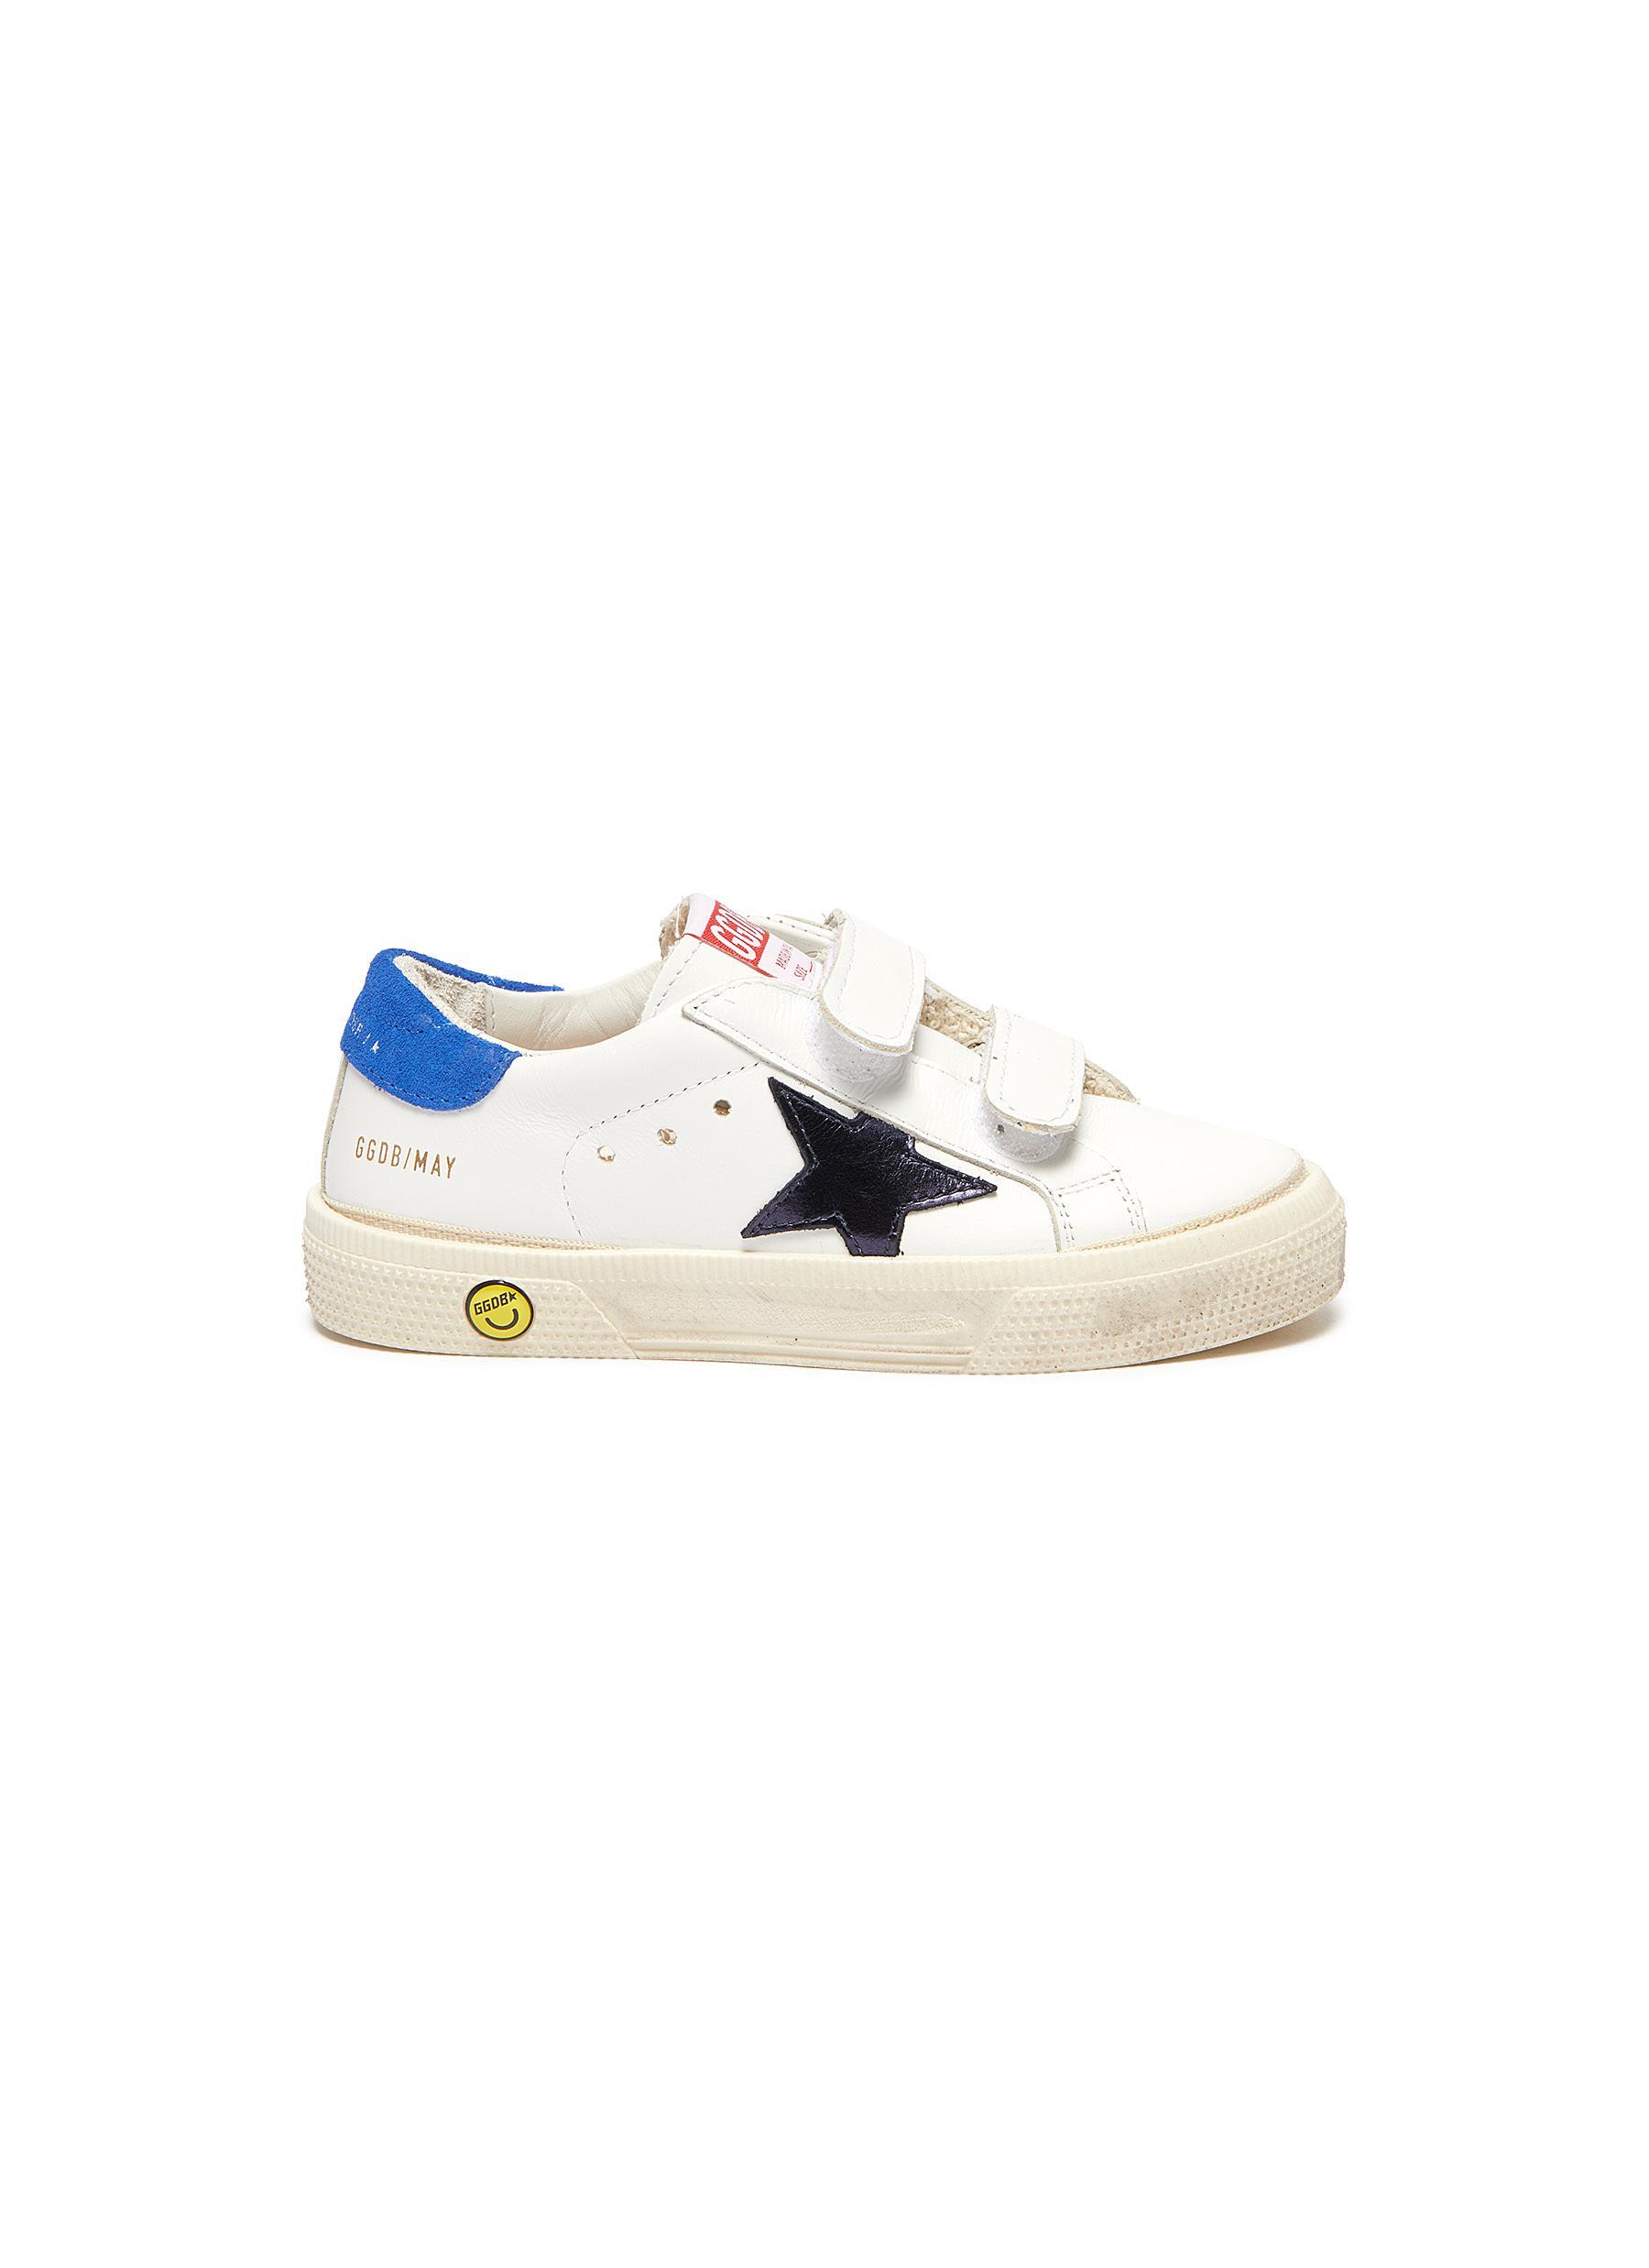 'May School' Contrast Star Motif Heel Tab Leather Toddler Sneakers